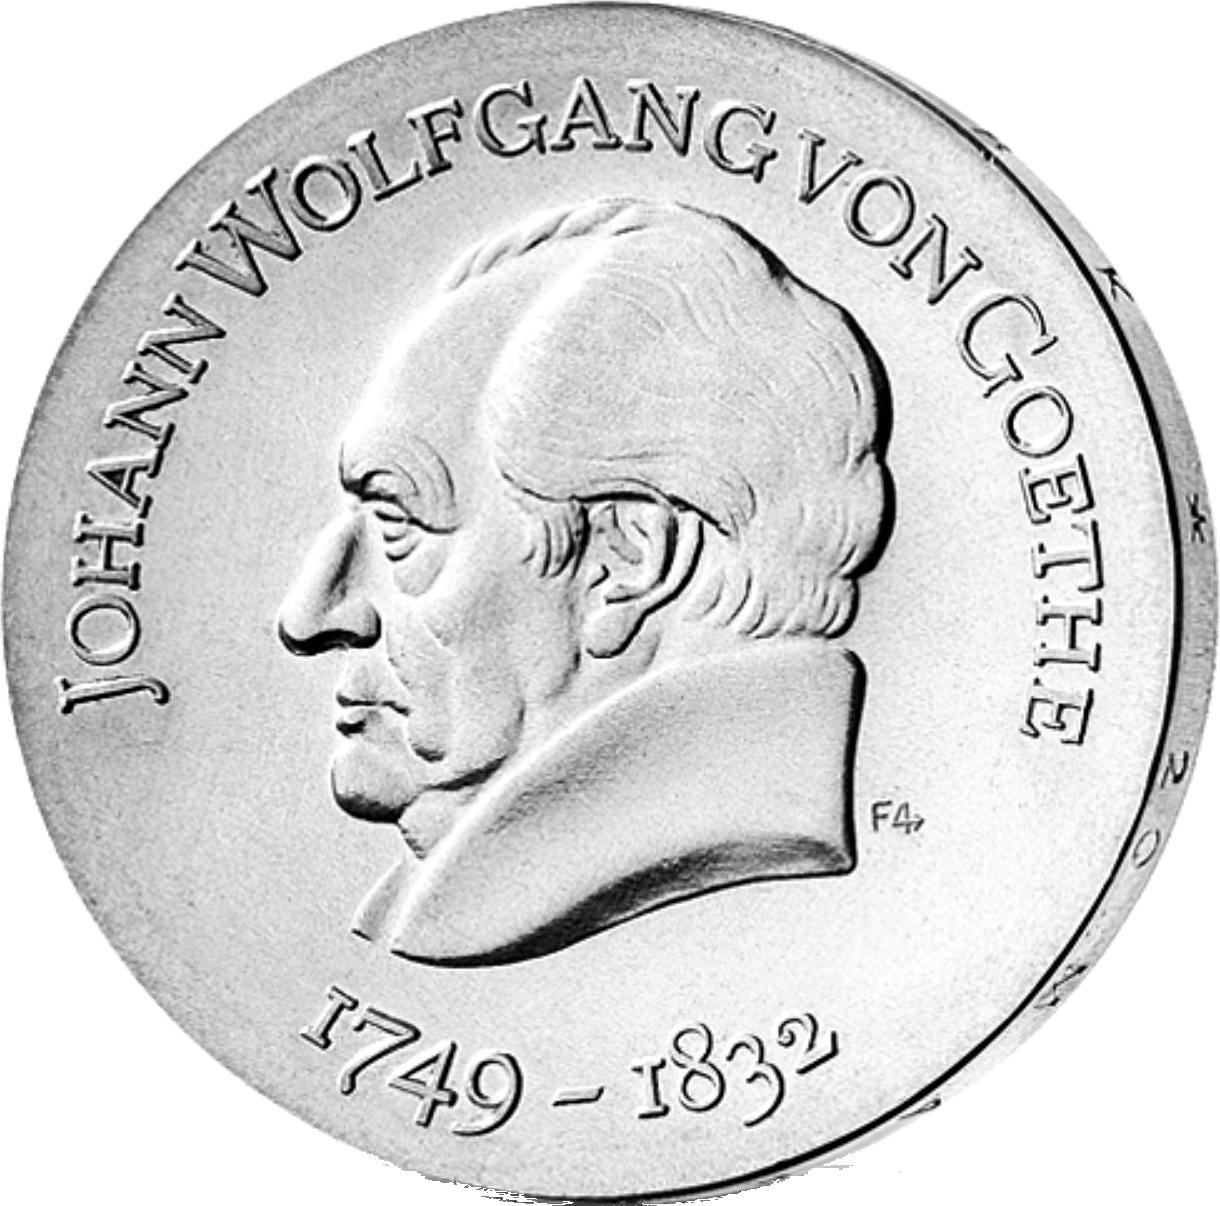 20 Mark Silber Münze Ddr Goethe 1969 Münzen Günstigerde